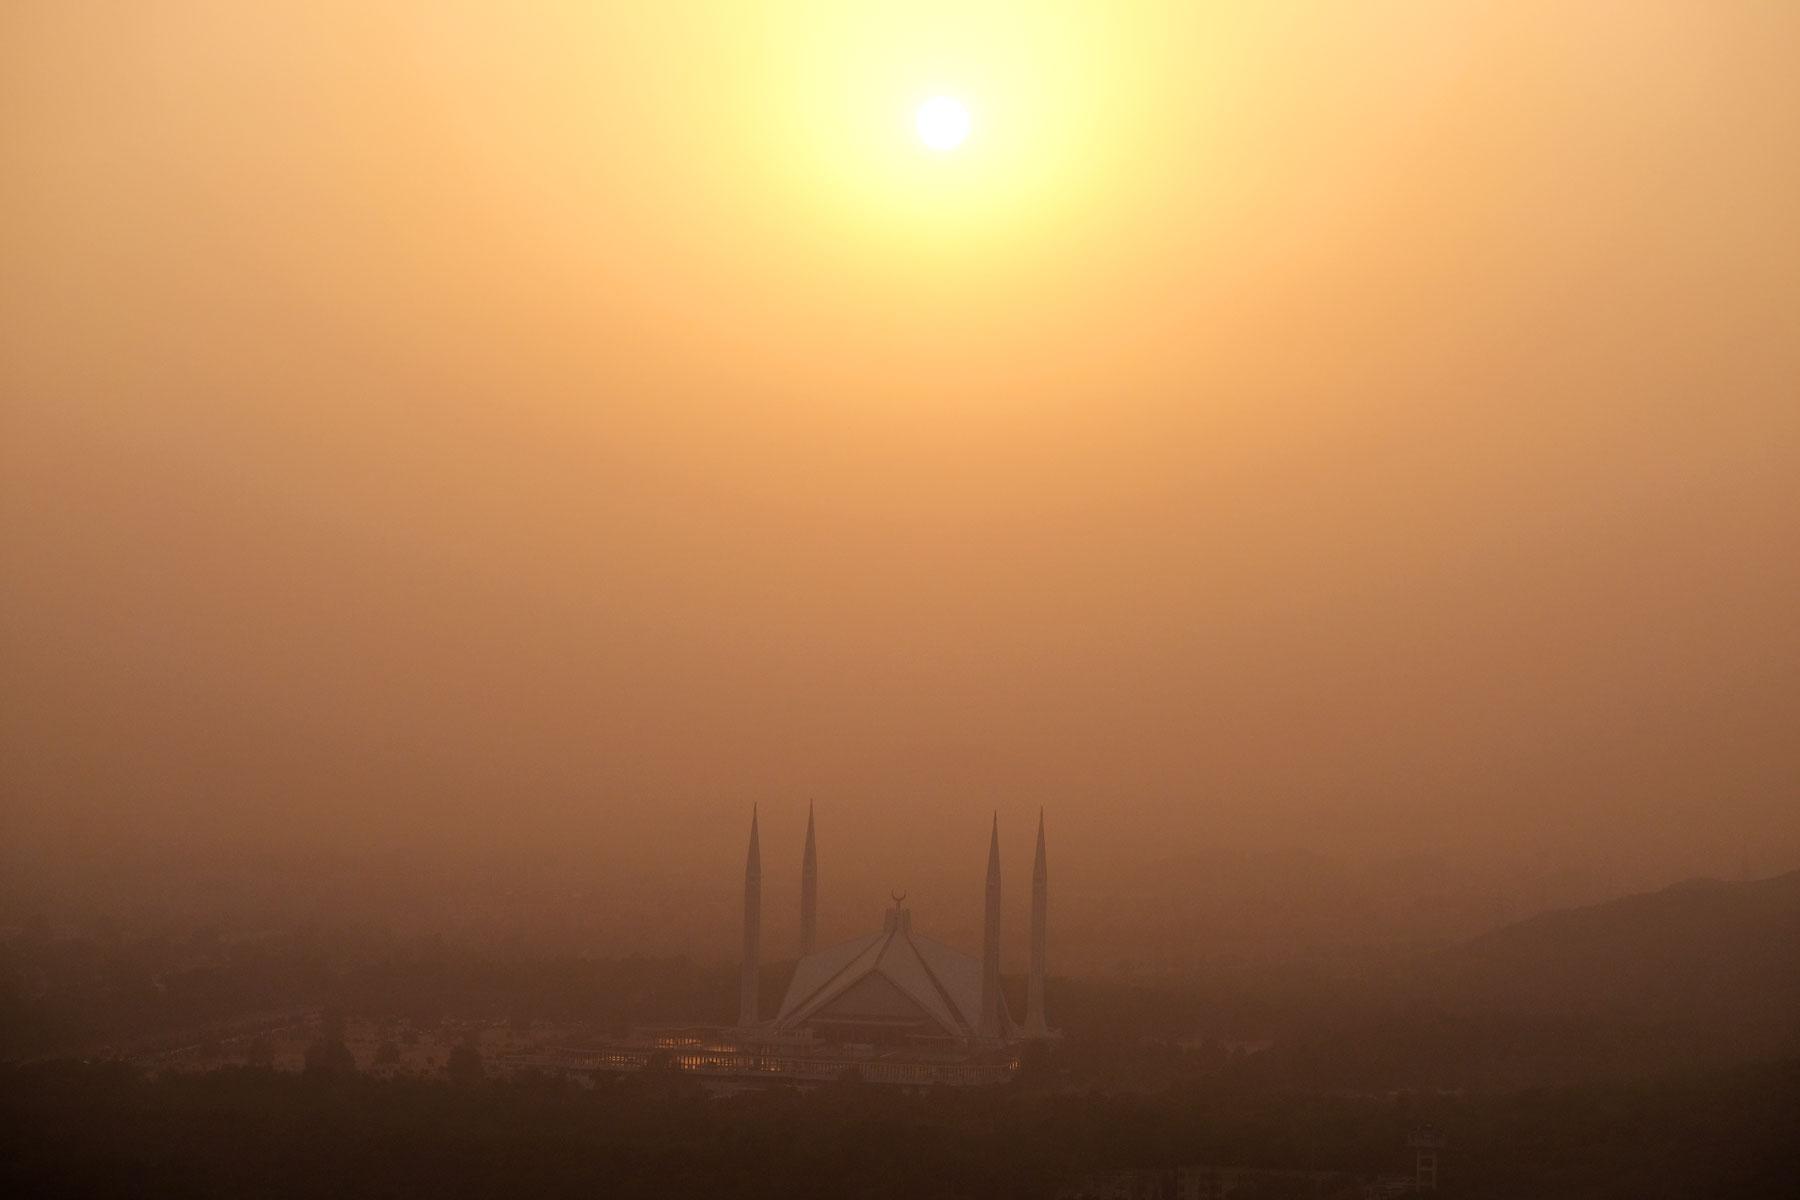 Die Faisal-Moschee in Islamabad beim Sonnenuntergang im Smog.